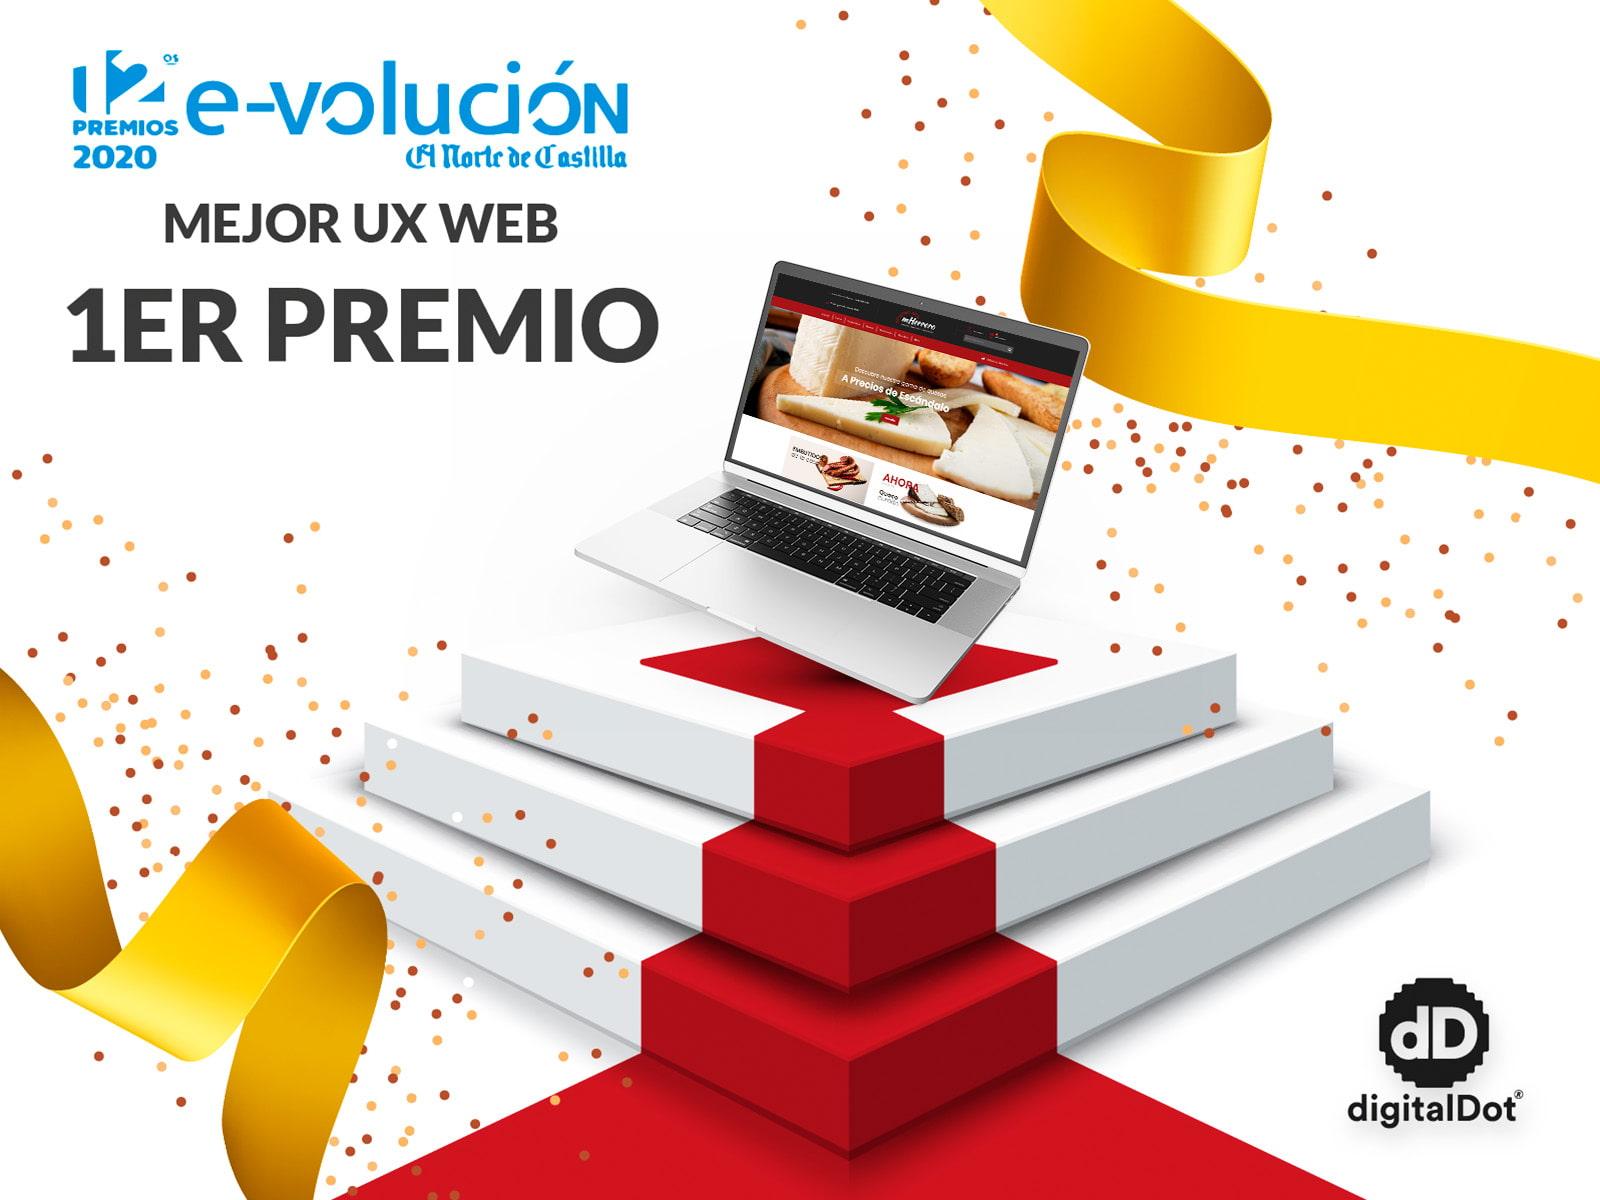 digitalDot en los Premios e-volucion